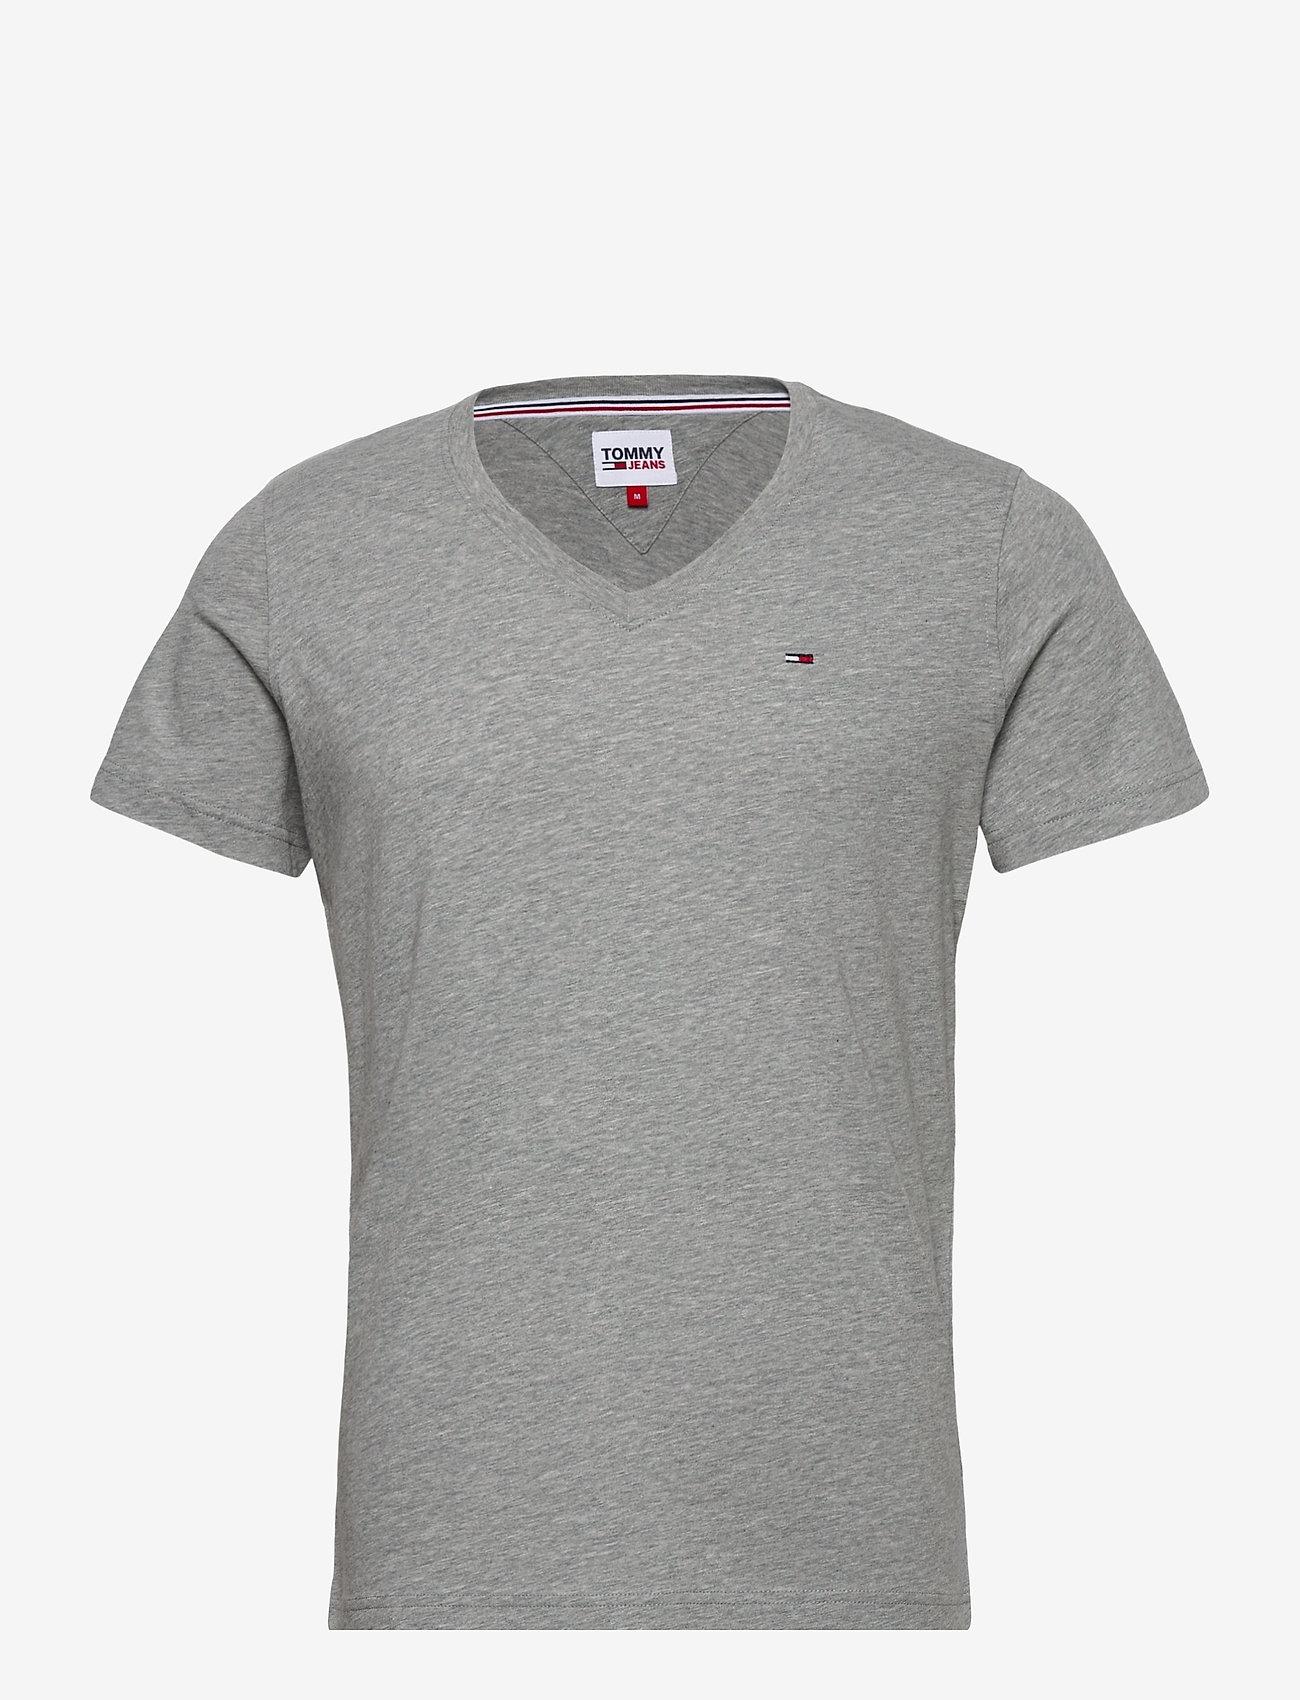 Tommy Jeans - TJM ORIGINAL JERSEY V NECK TEE - basic t-shirts - lt grey htr - 0